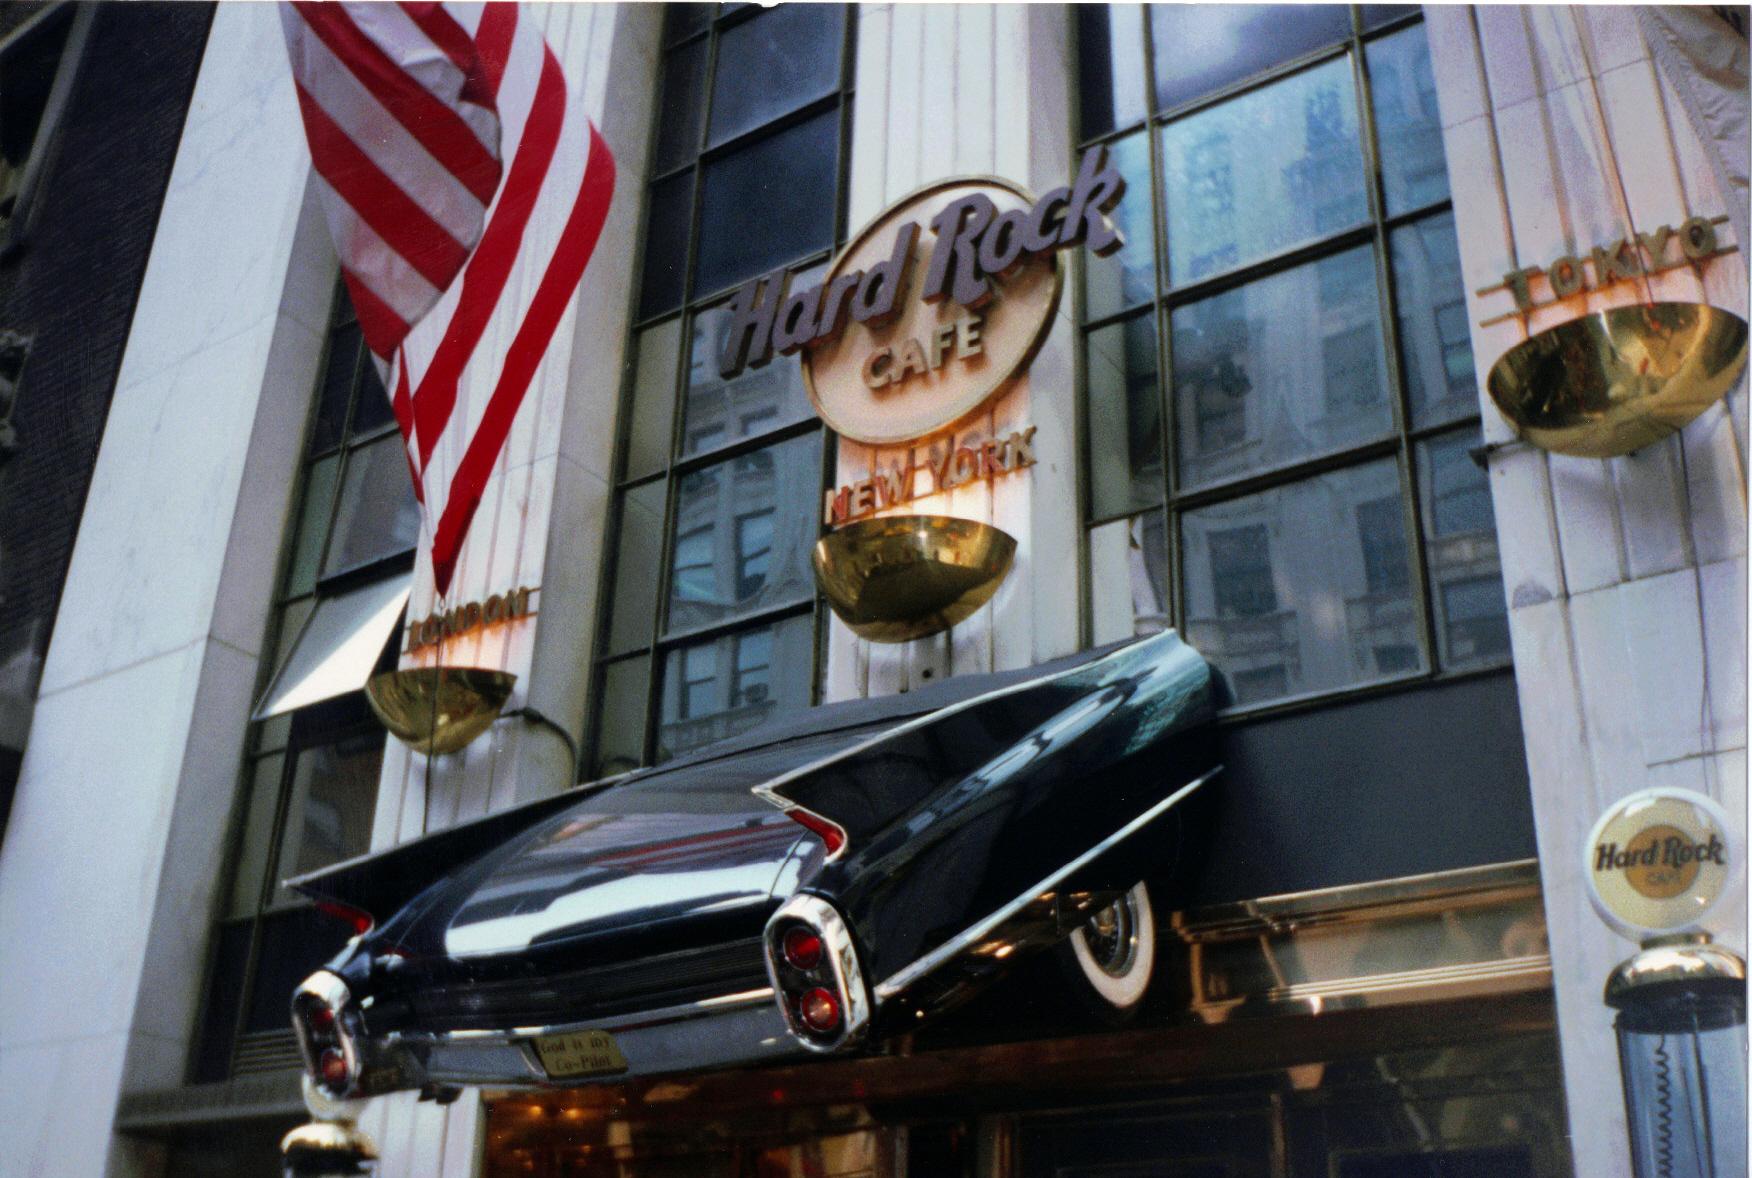 Hard Rock Cafe New York  New York Ny